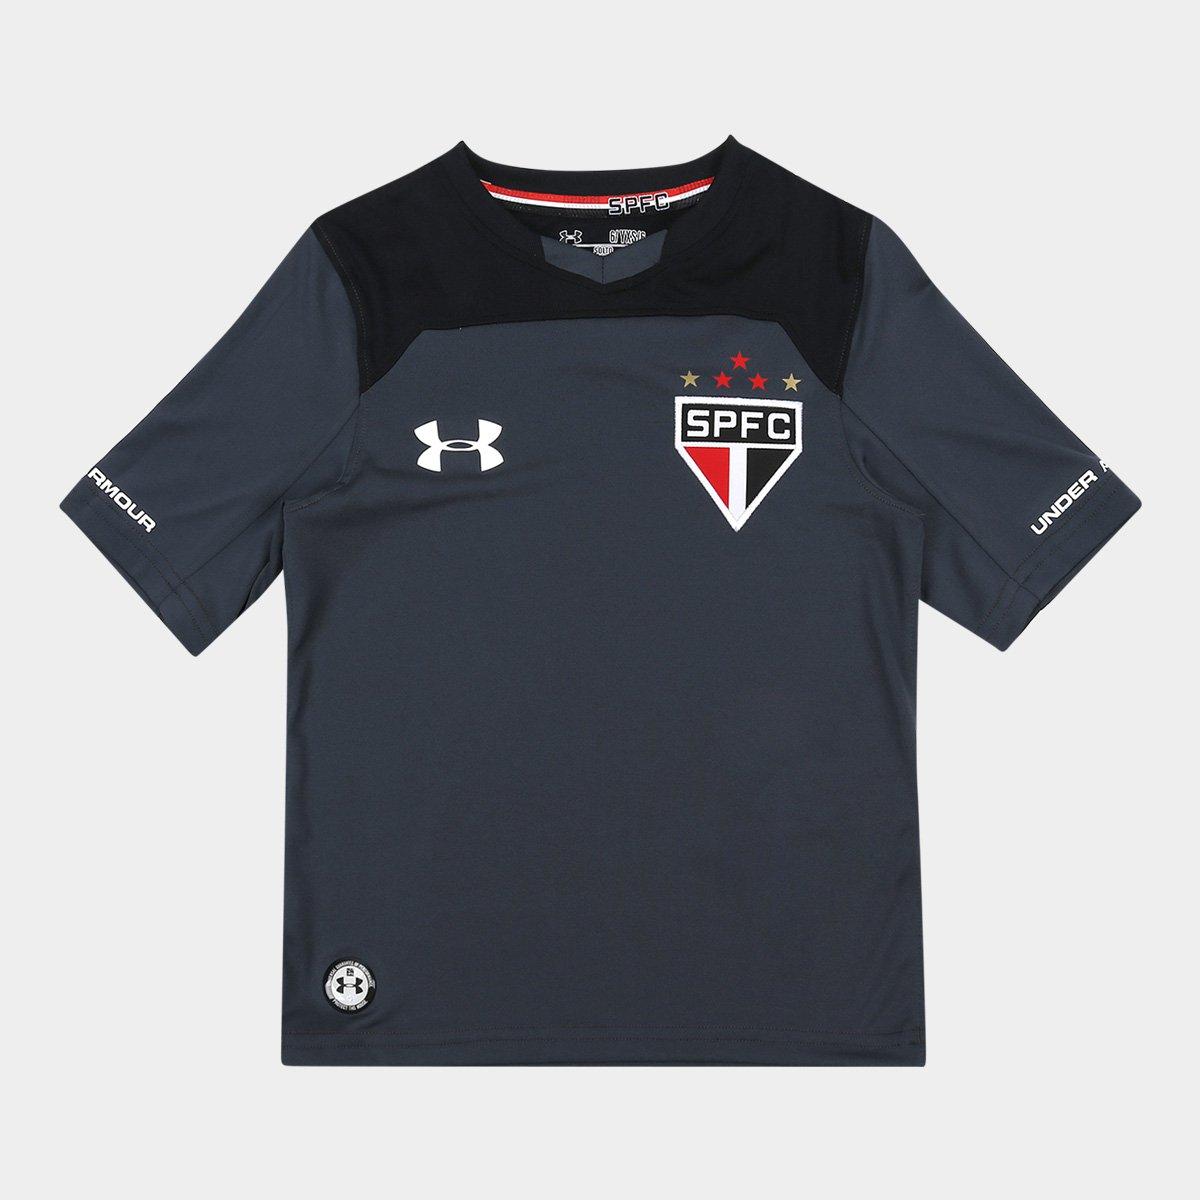 e6b2c06d8 Camisa São Paulo Infantil Goleiro 17/18 s/nº Under Armour | São Paulo Mania